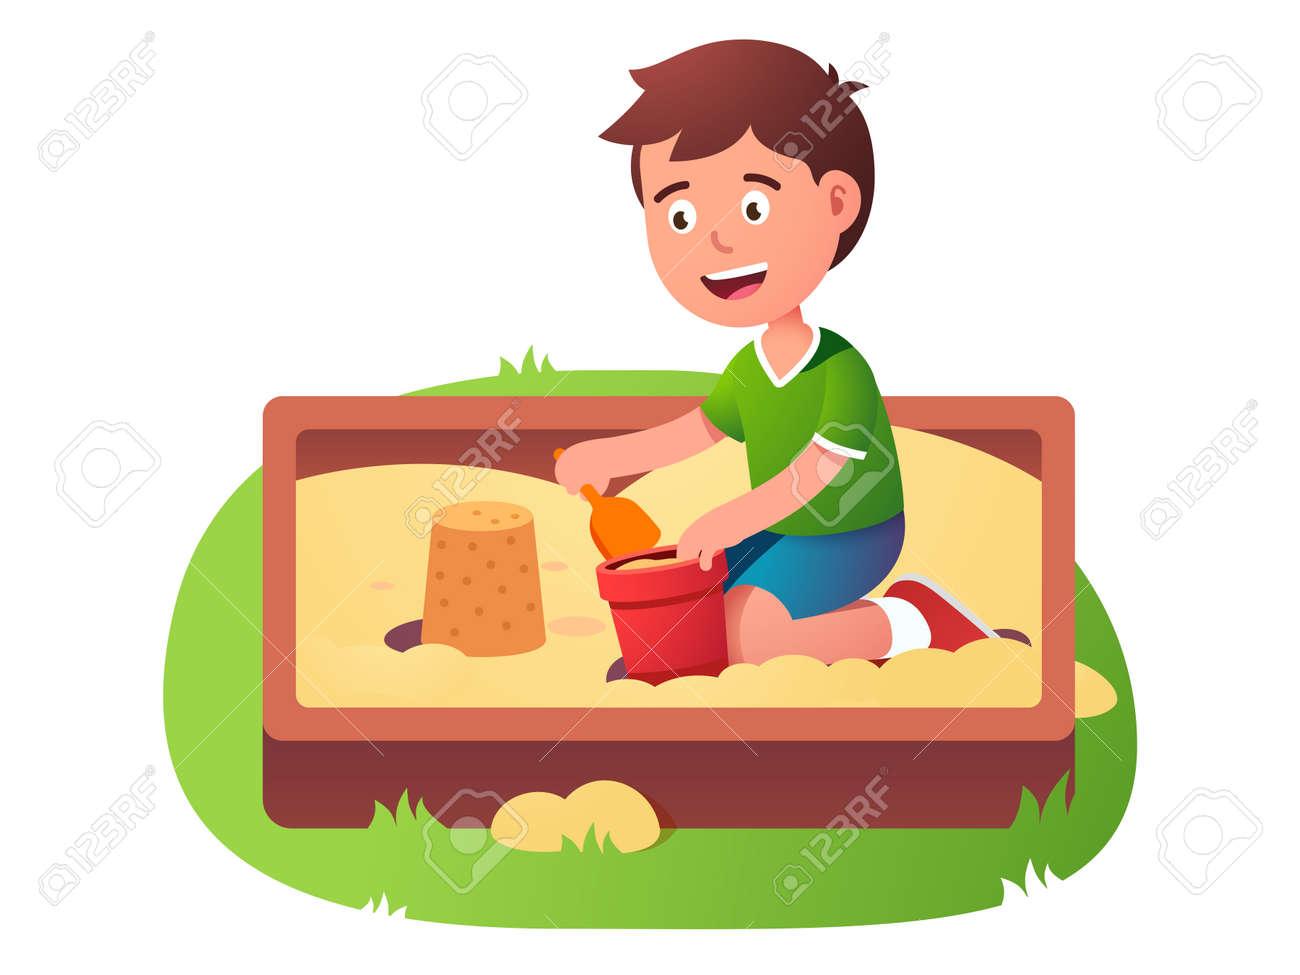 Child sandbox game. Happy kid play in sand pit - 153086102